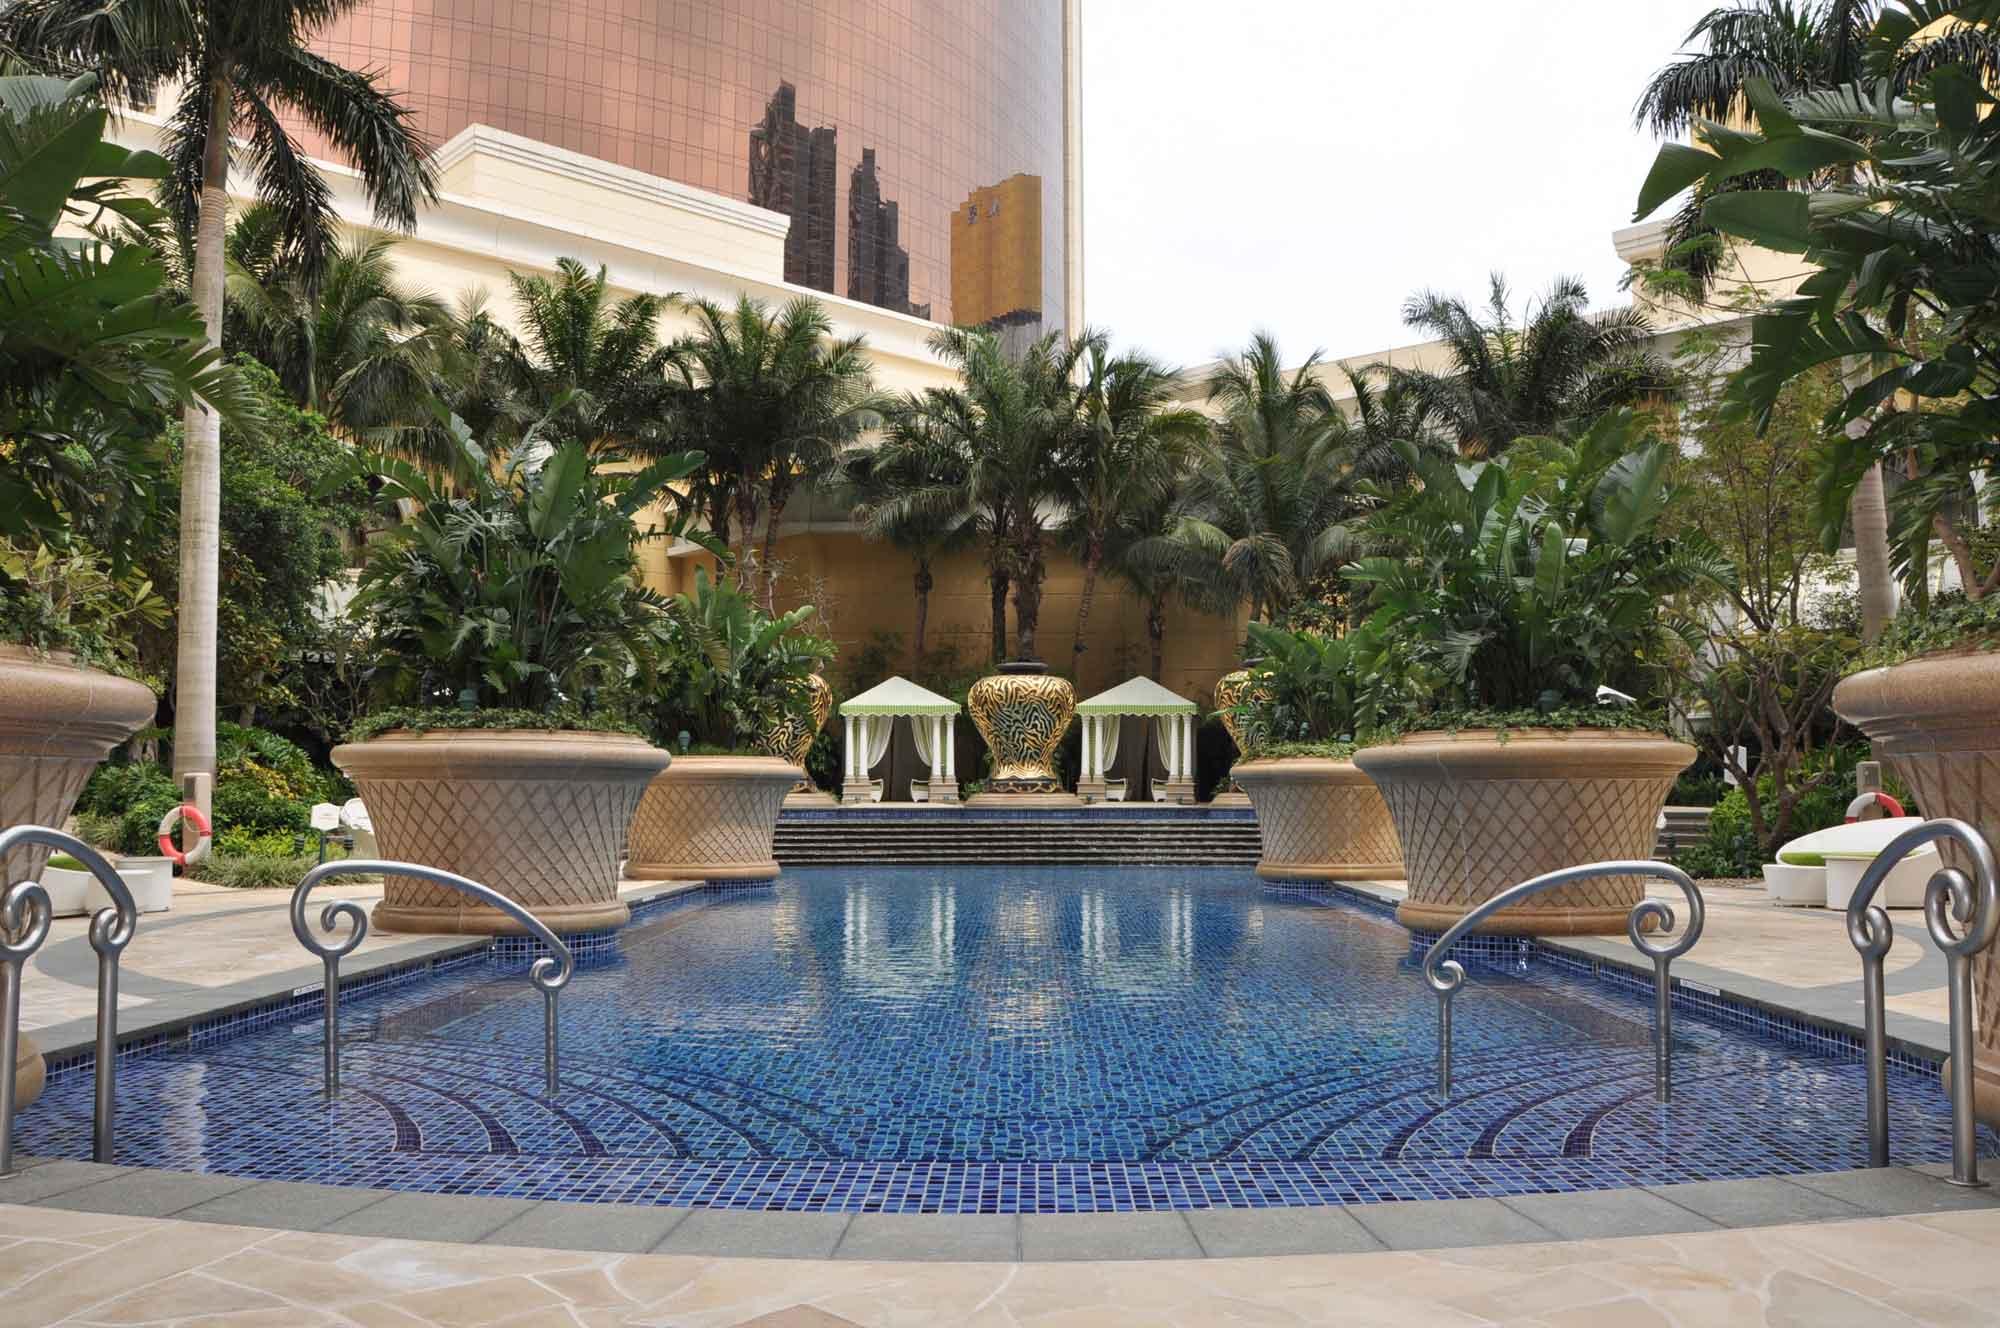 Wynn Macau outdoor pool